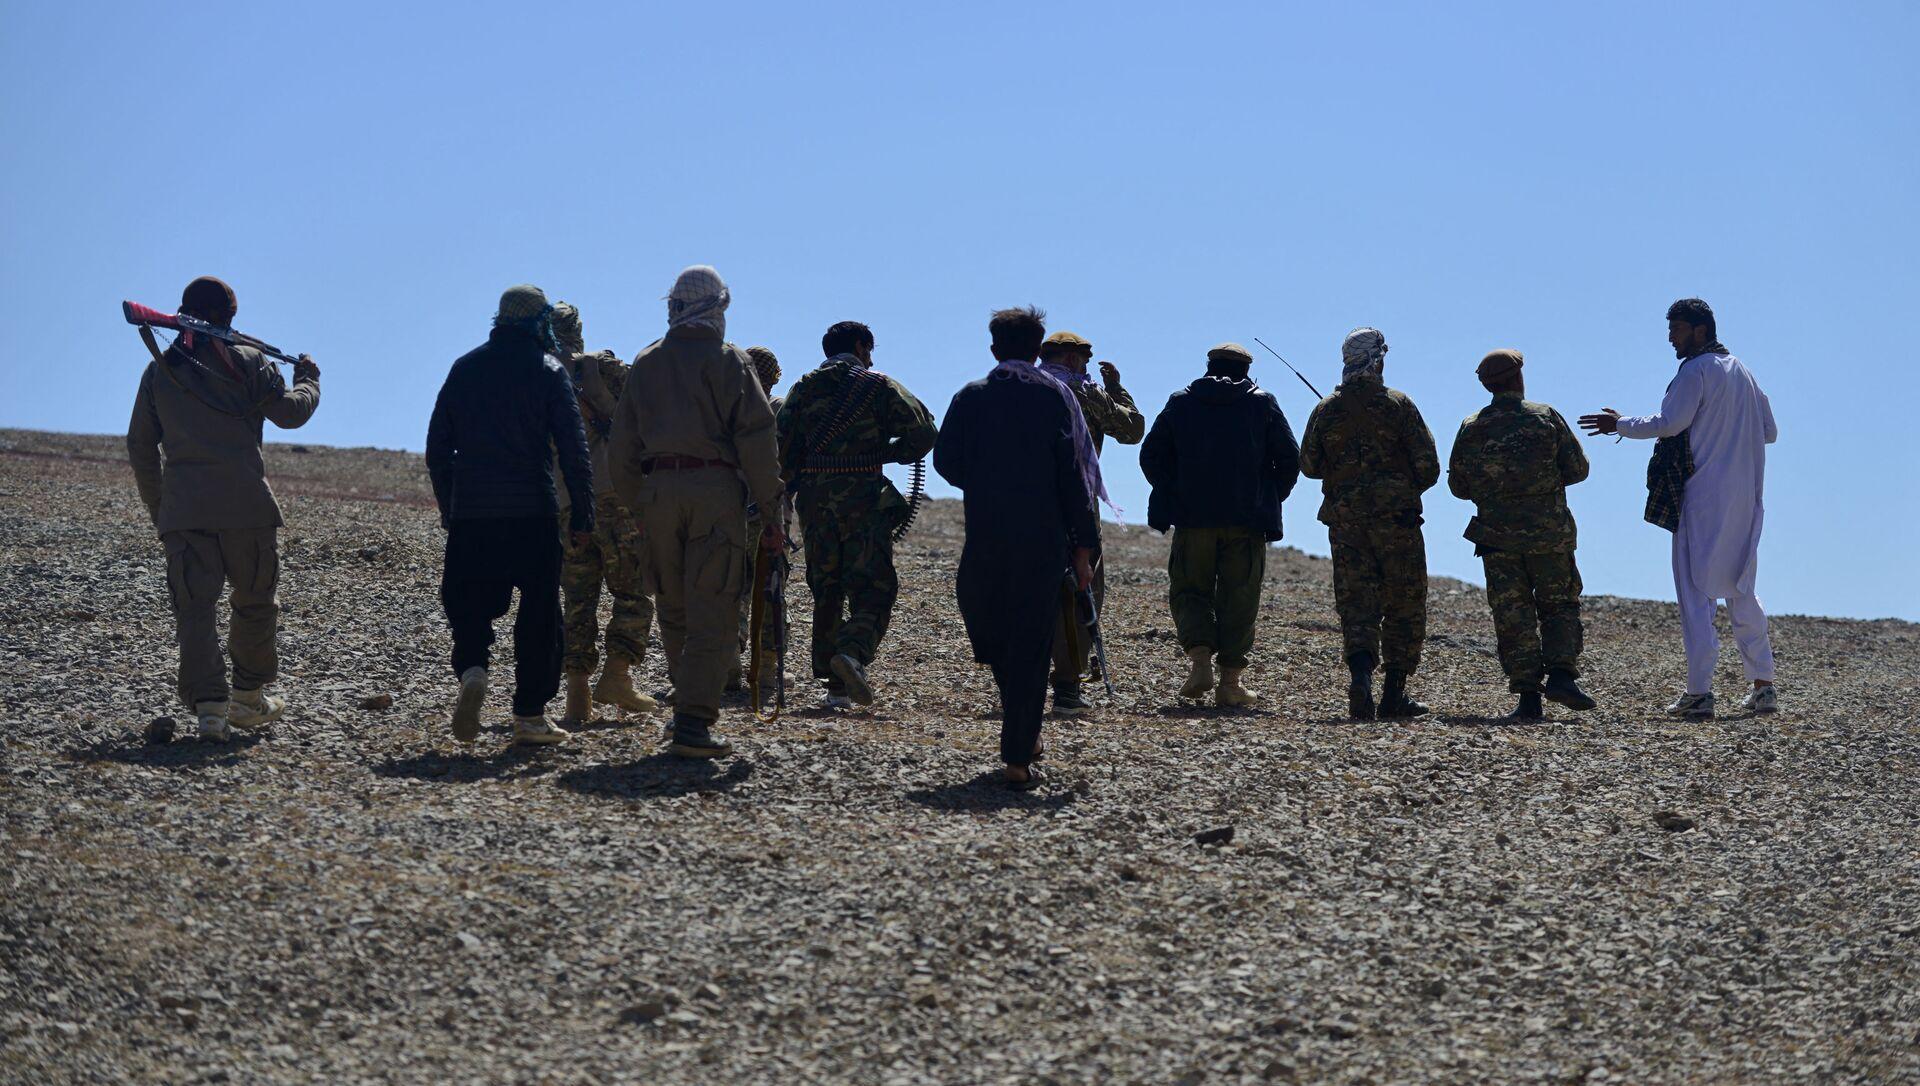 Силы сопротивления талибам (террористическая организация, запрещена в РФ) - Sputnik Azərbaycan, 1920, 07.09.2021